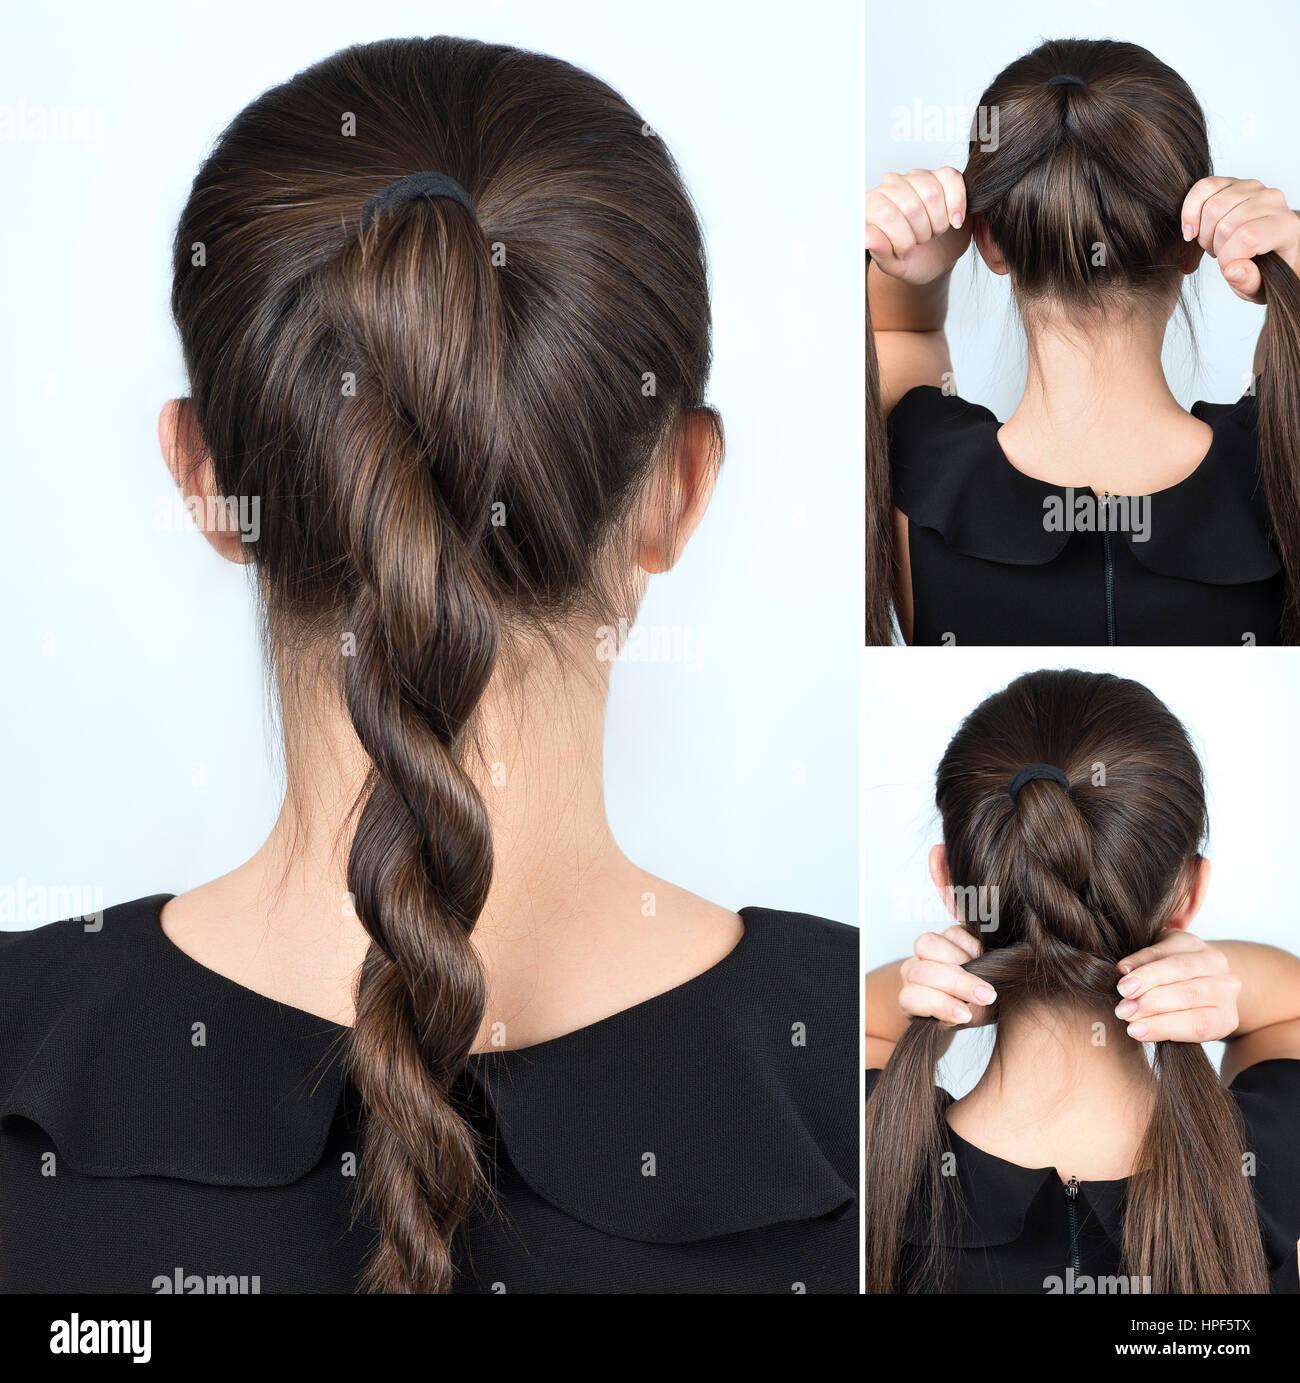 Einfache Frisur Gedrehten Zopf Tutorial Frisur Für Lange Haare